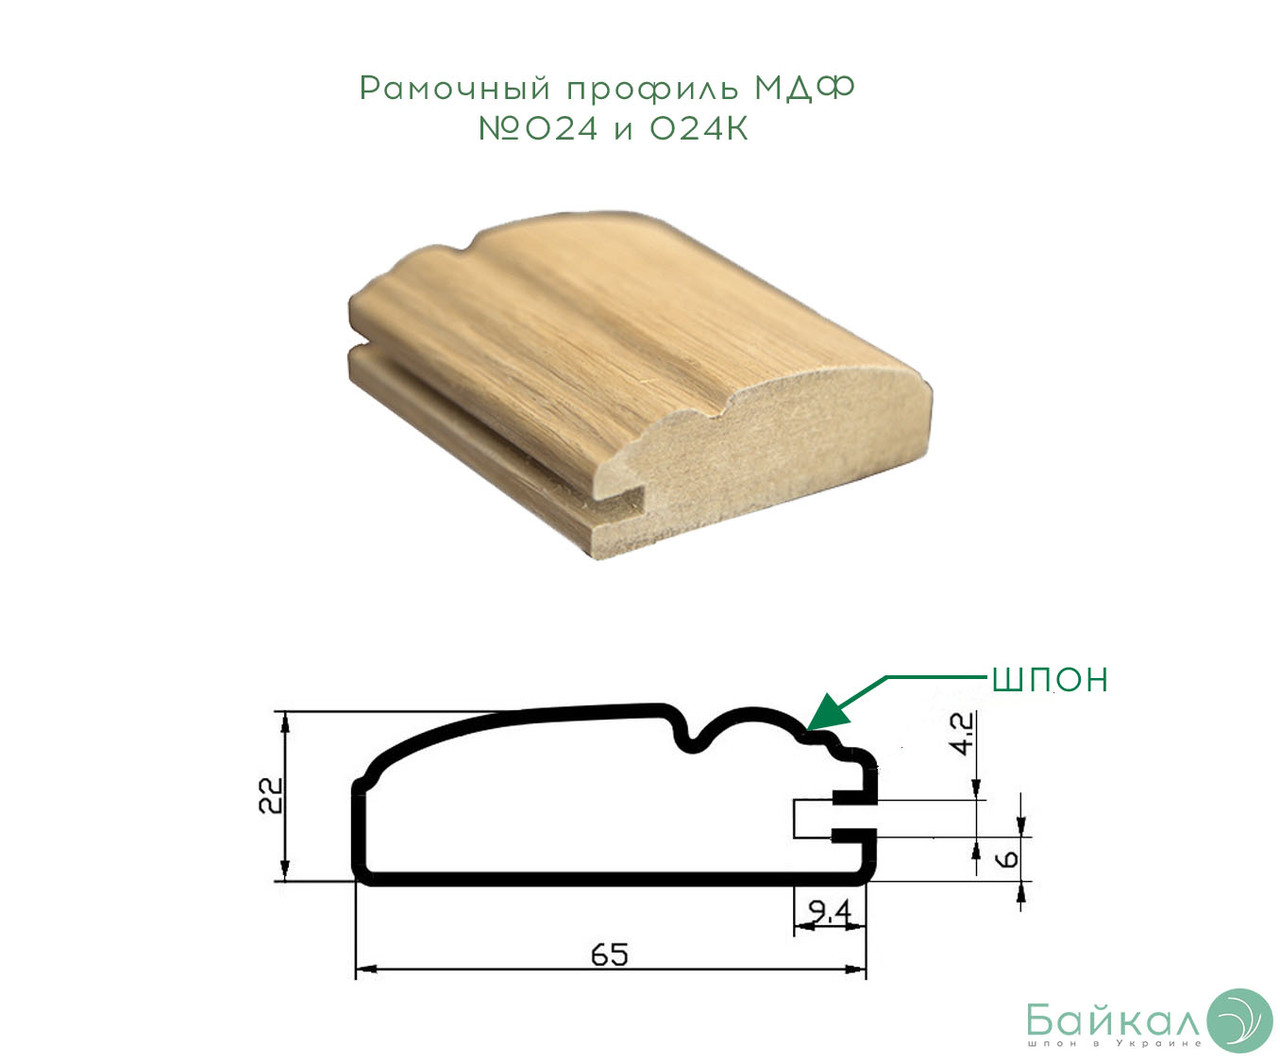 Рамочный профиль МДФ №024 и 024 к (косичка) шпонированный 22 мм 2,8мх60 мм